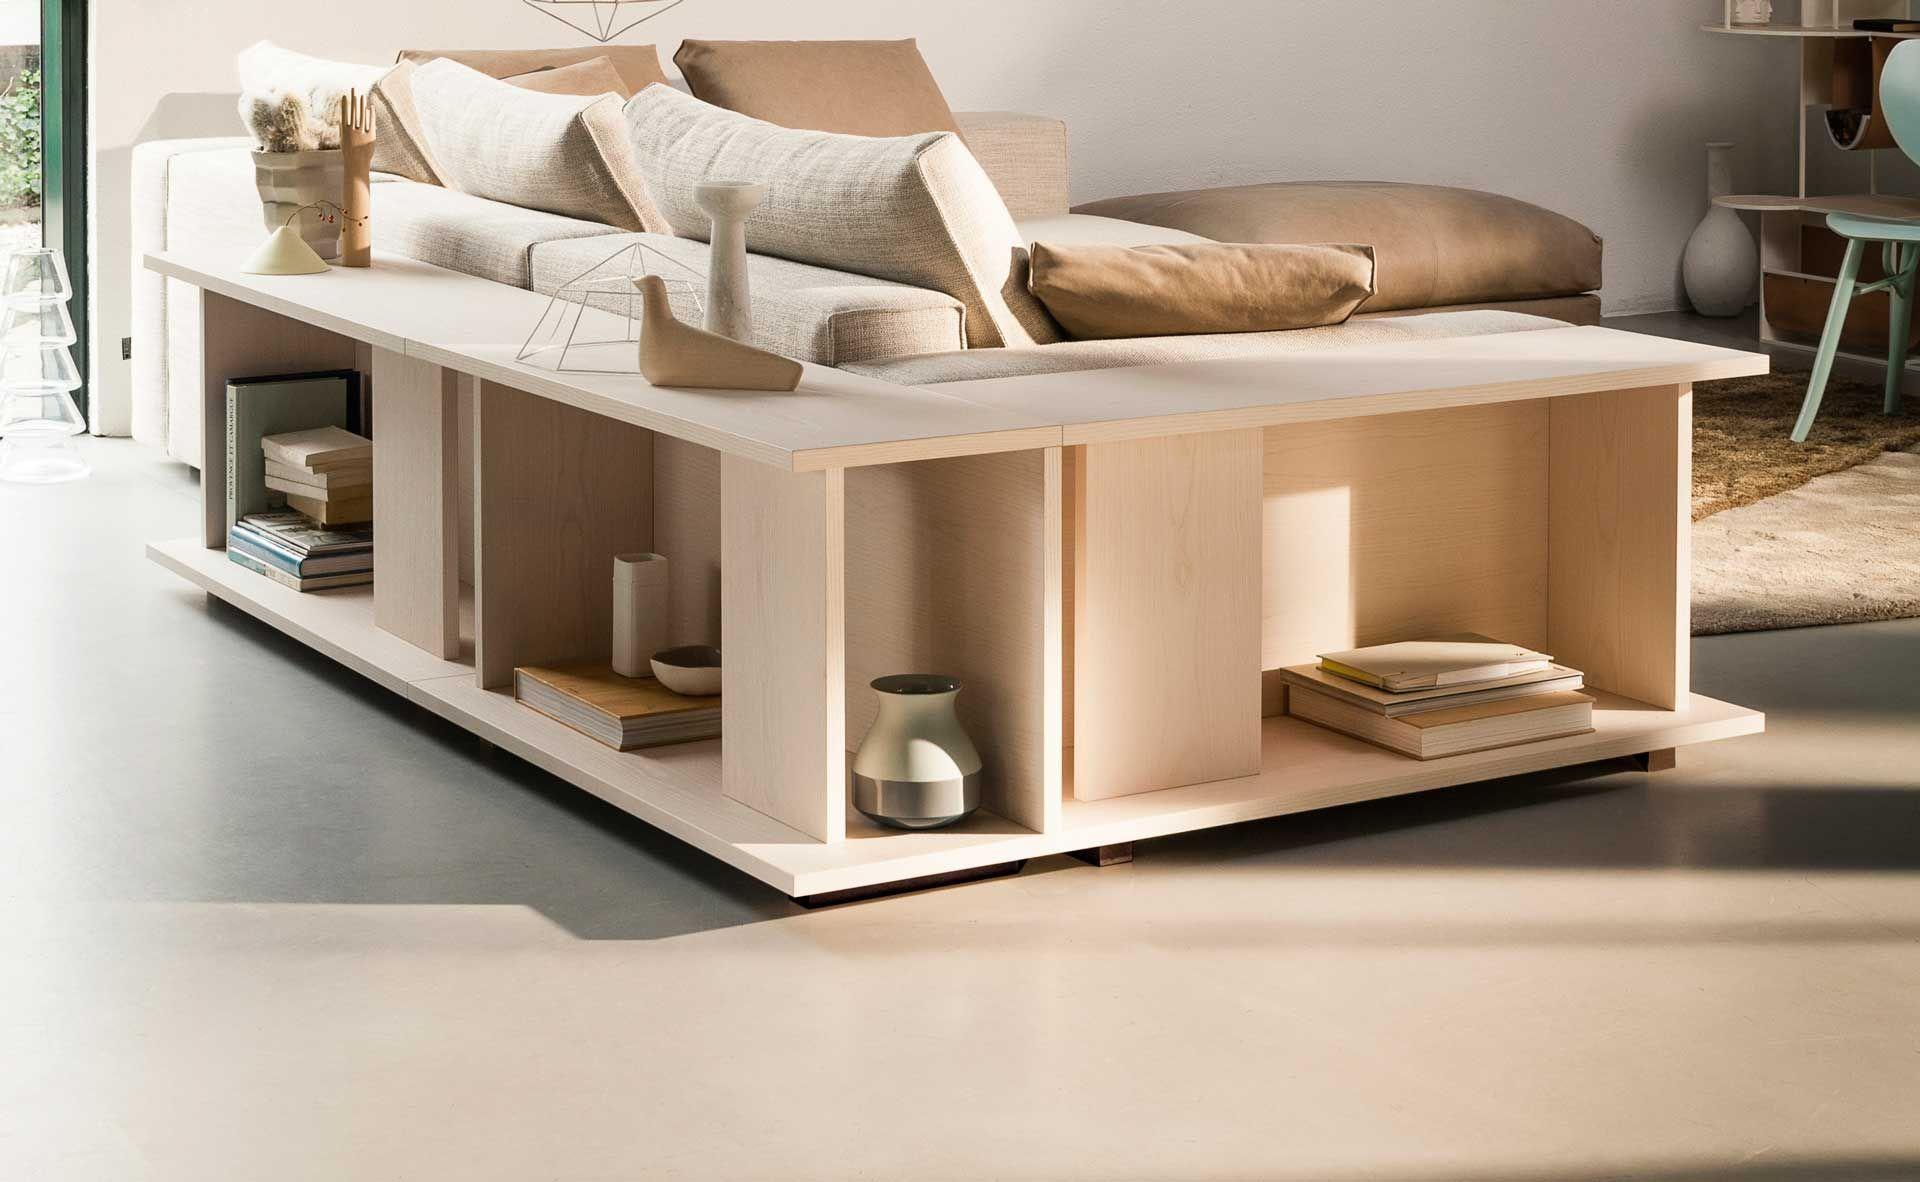 Hamptons-Cabinet-uitgelichte-foto1.jpg (1920×1182)